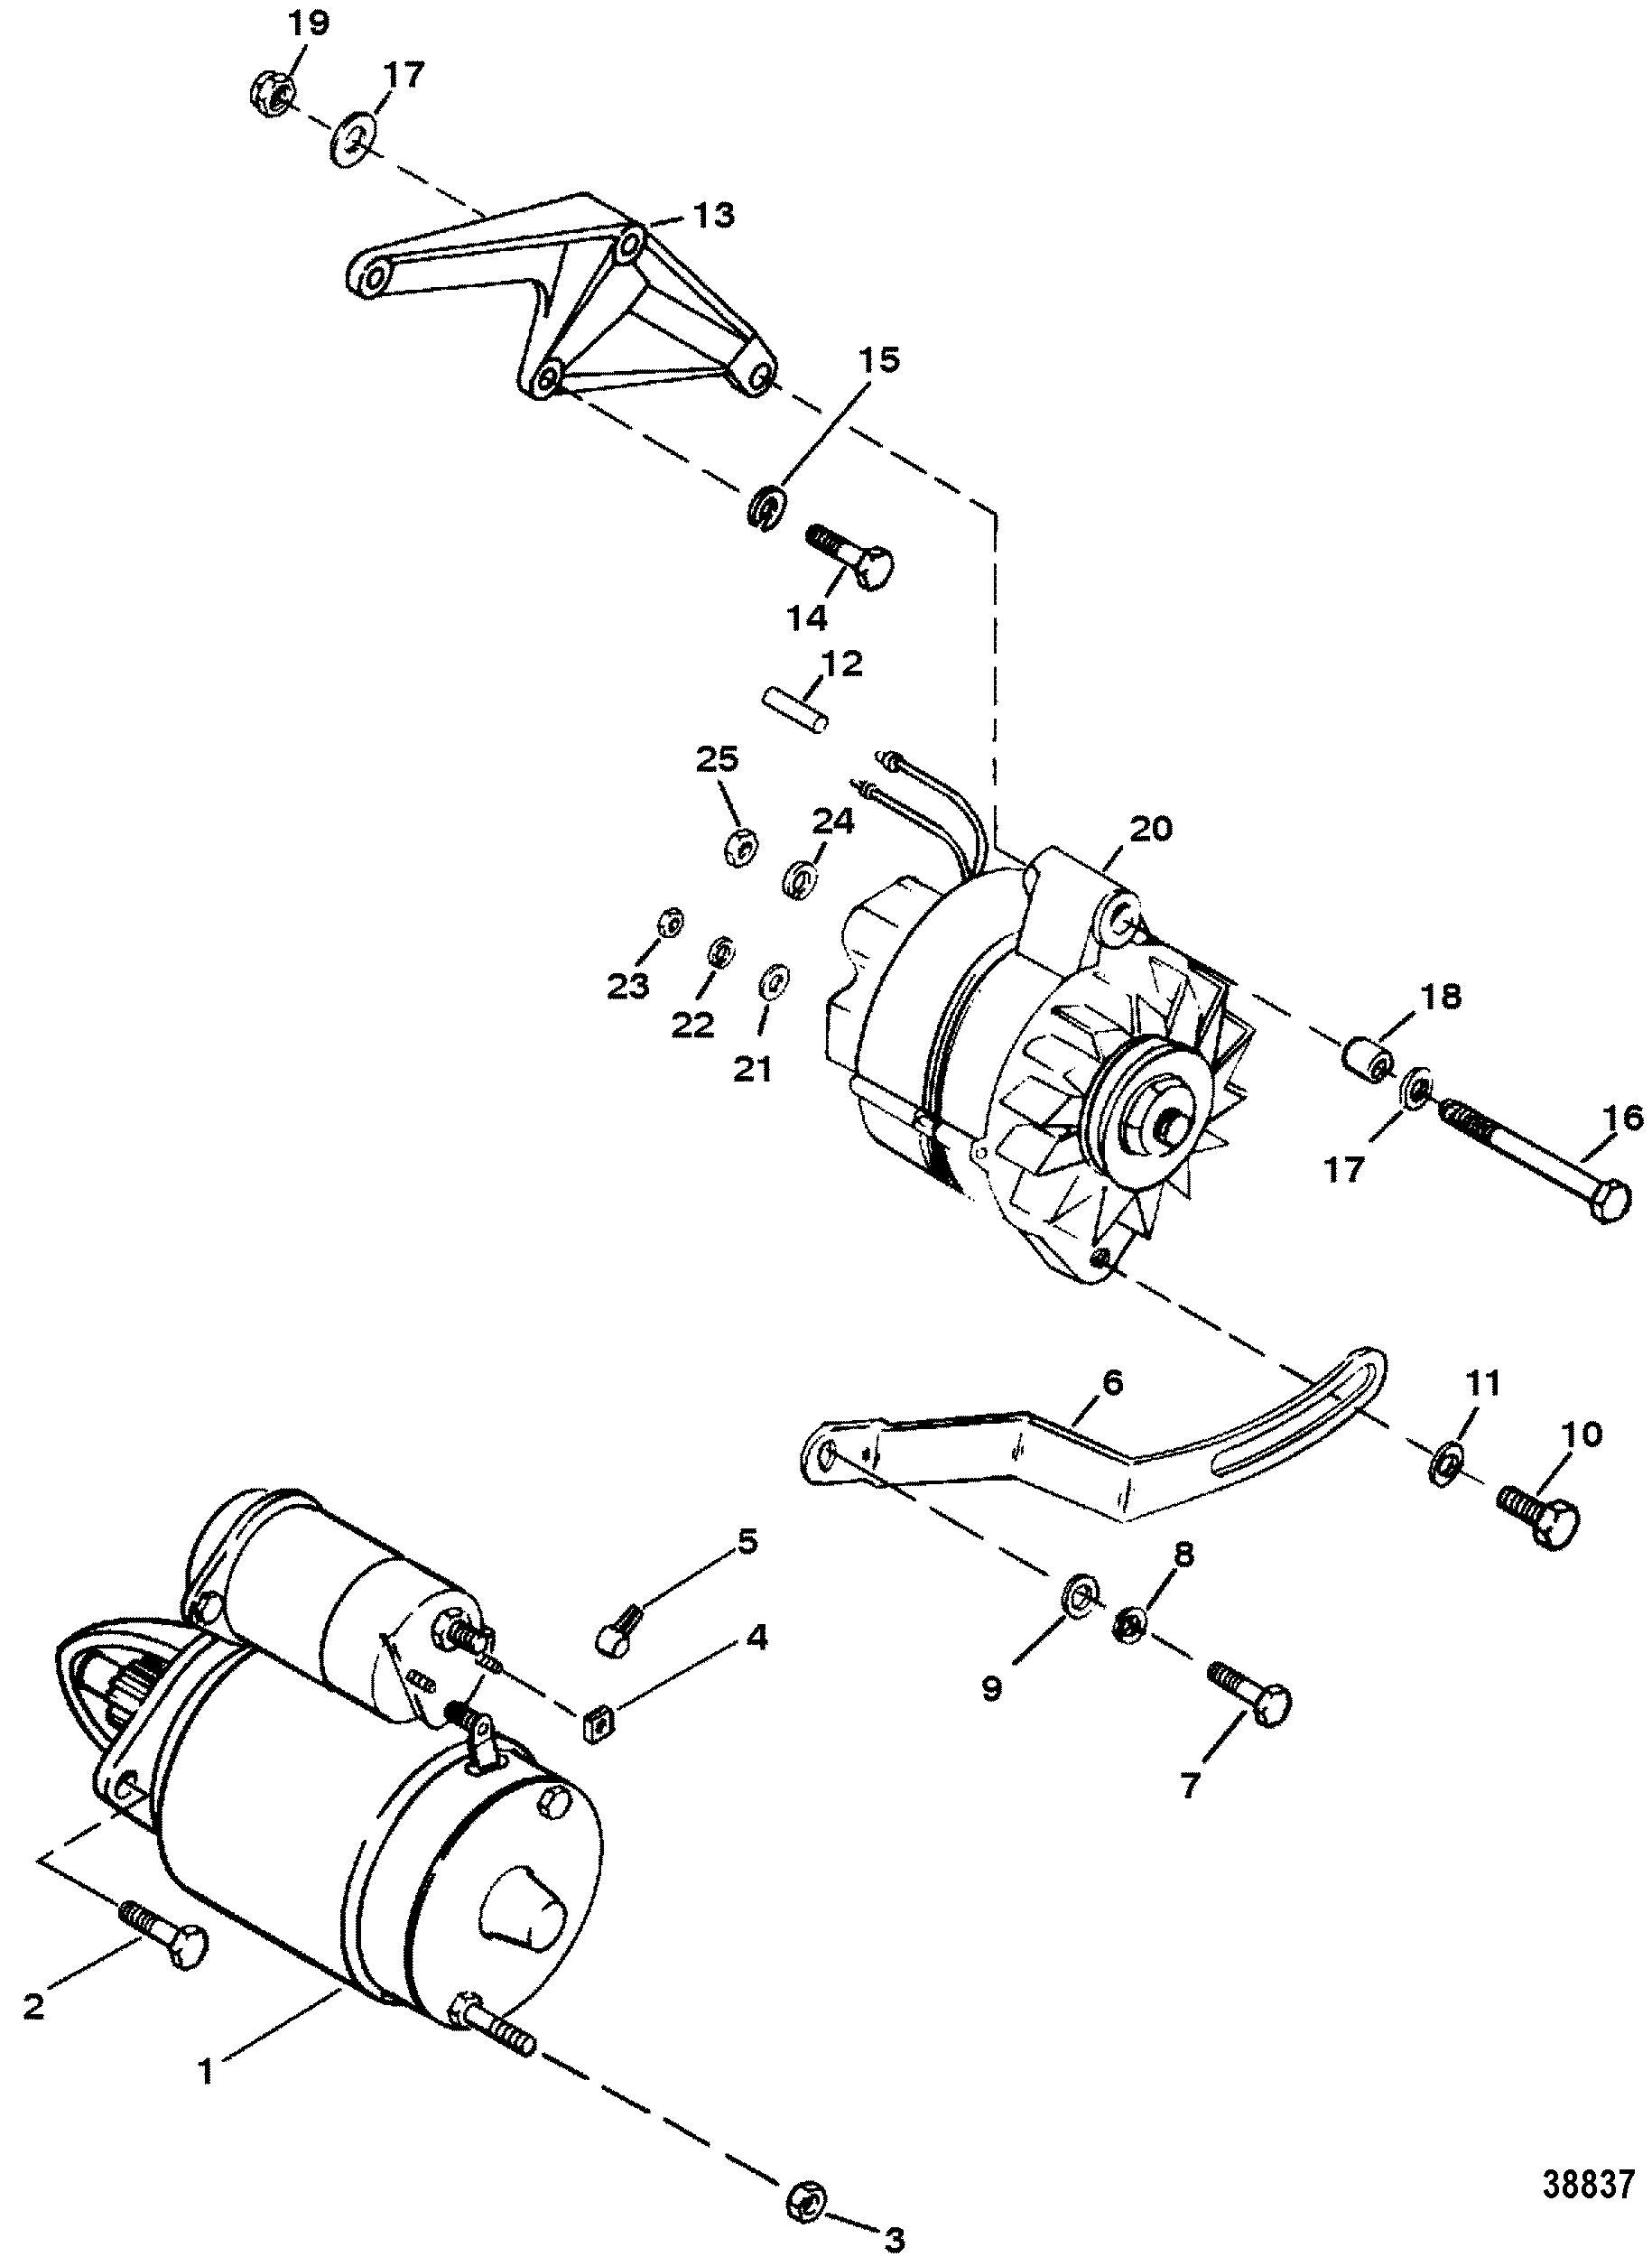 marine 454 starter alternator wiring diagram wiring library Three Wire GM Alternator Wiring Diagram marine 454 starter alternator wiring diagram